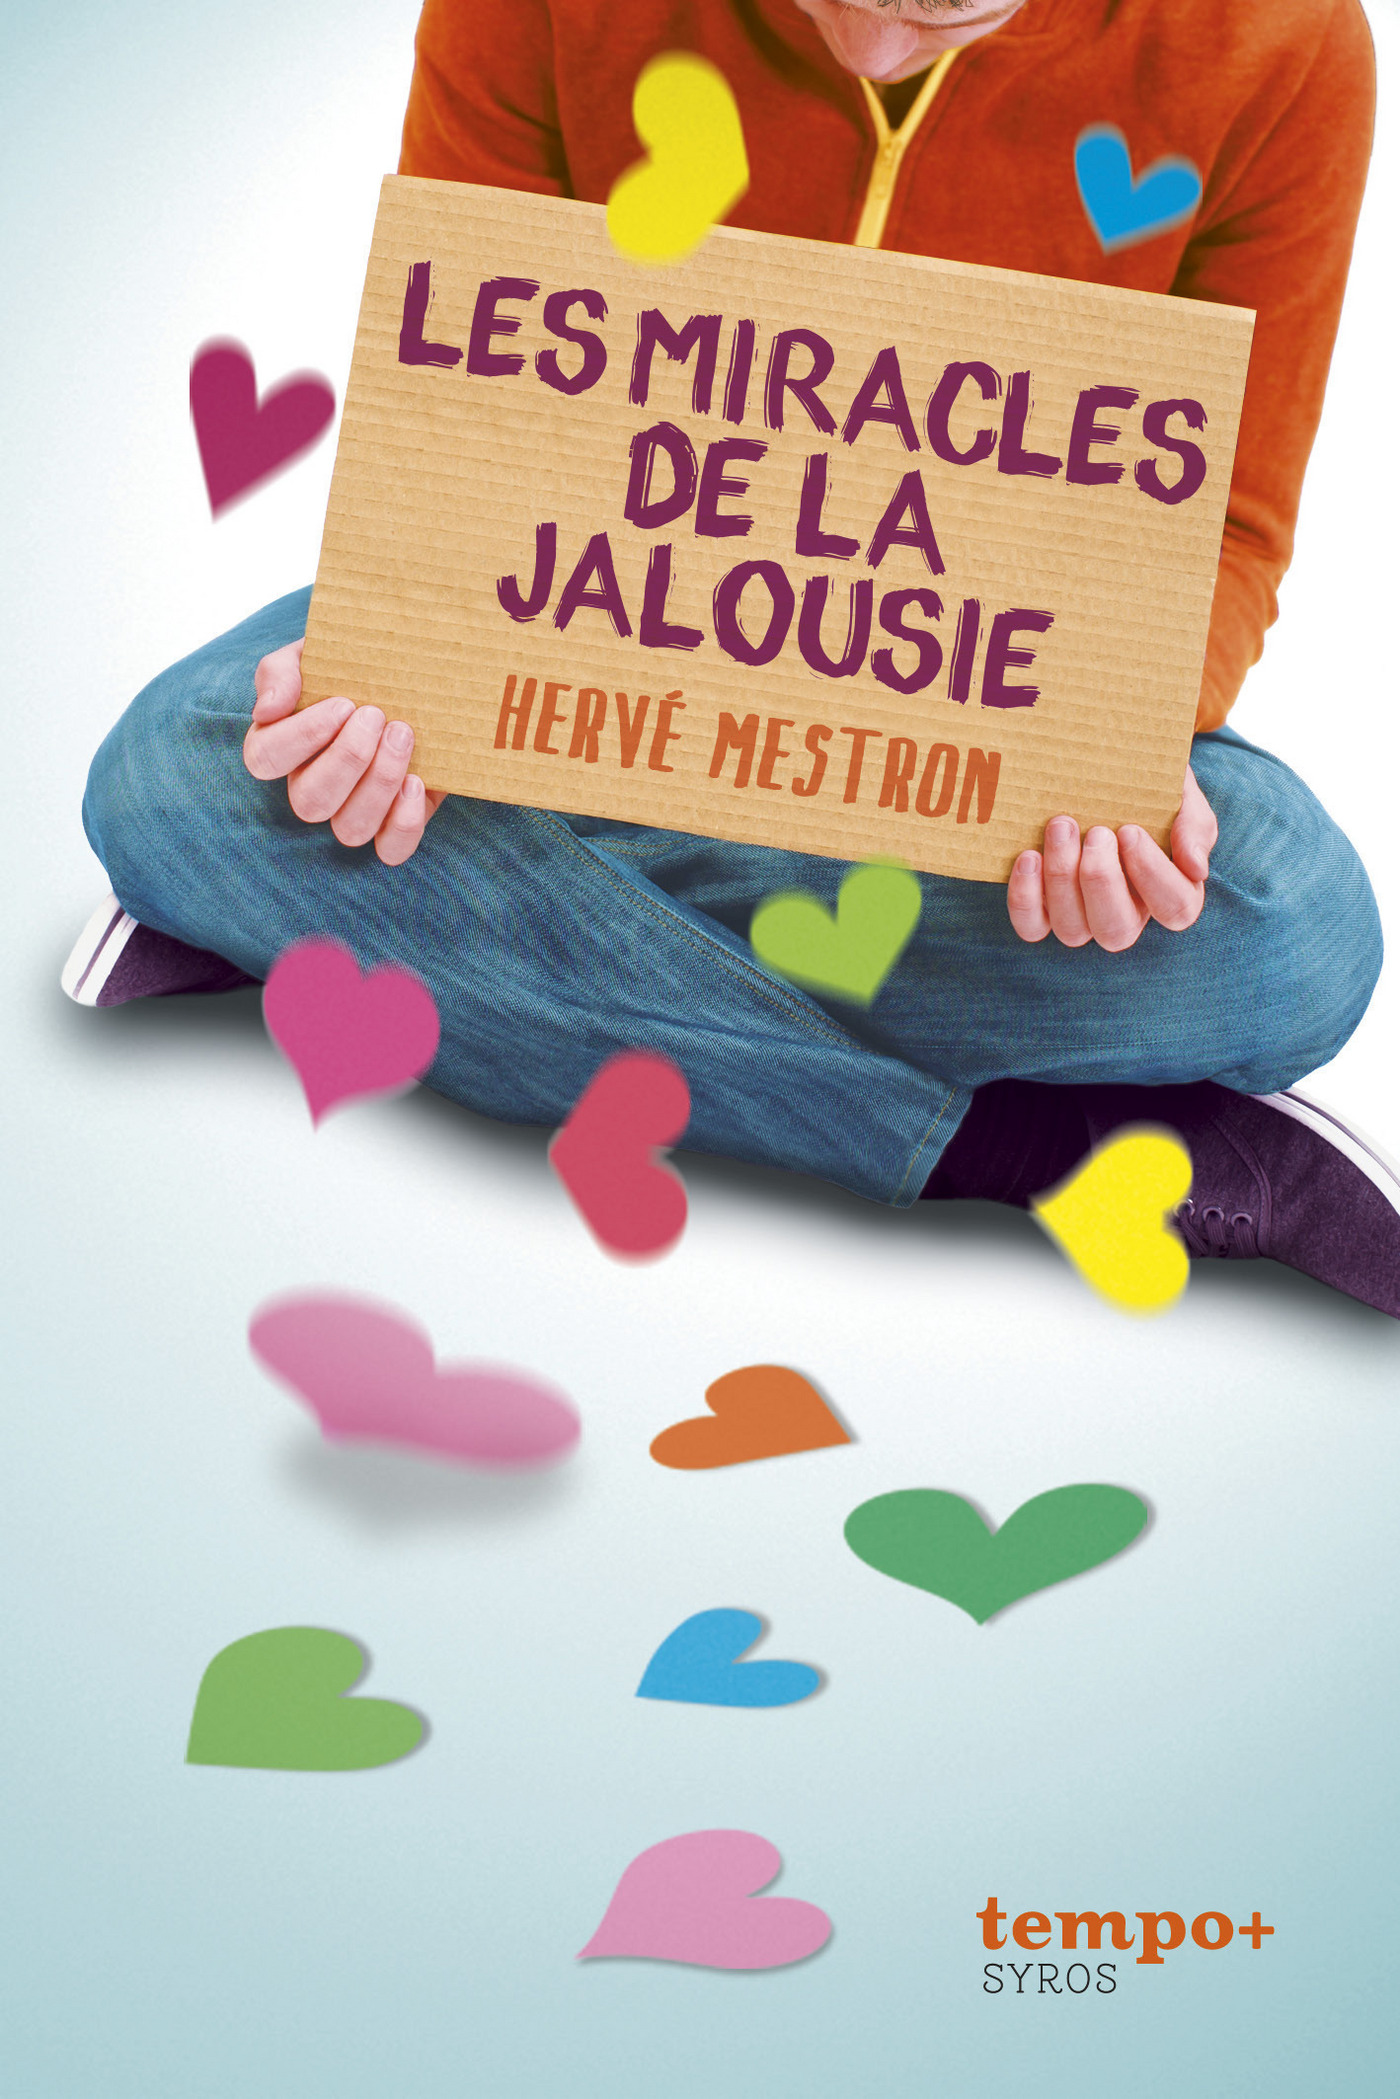 Les miracles de la jalousie (ebook)